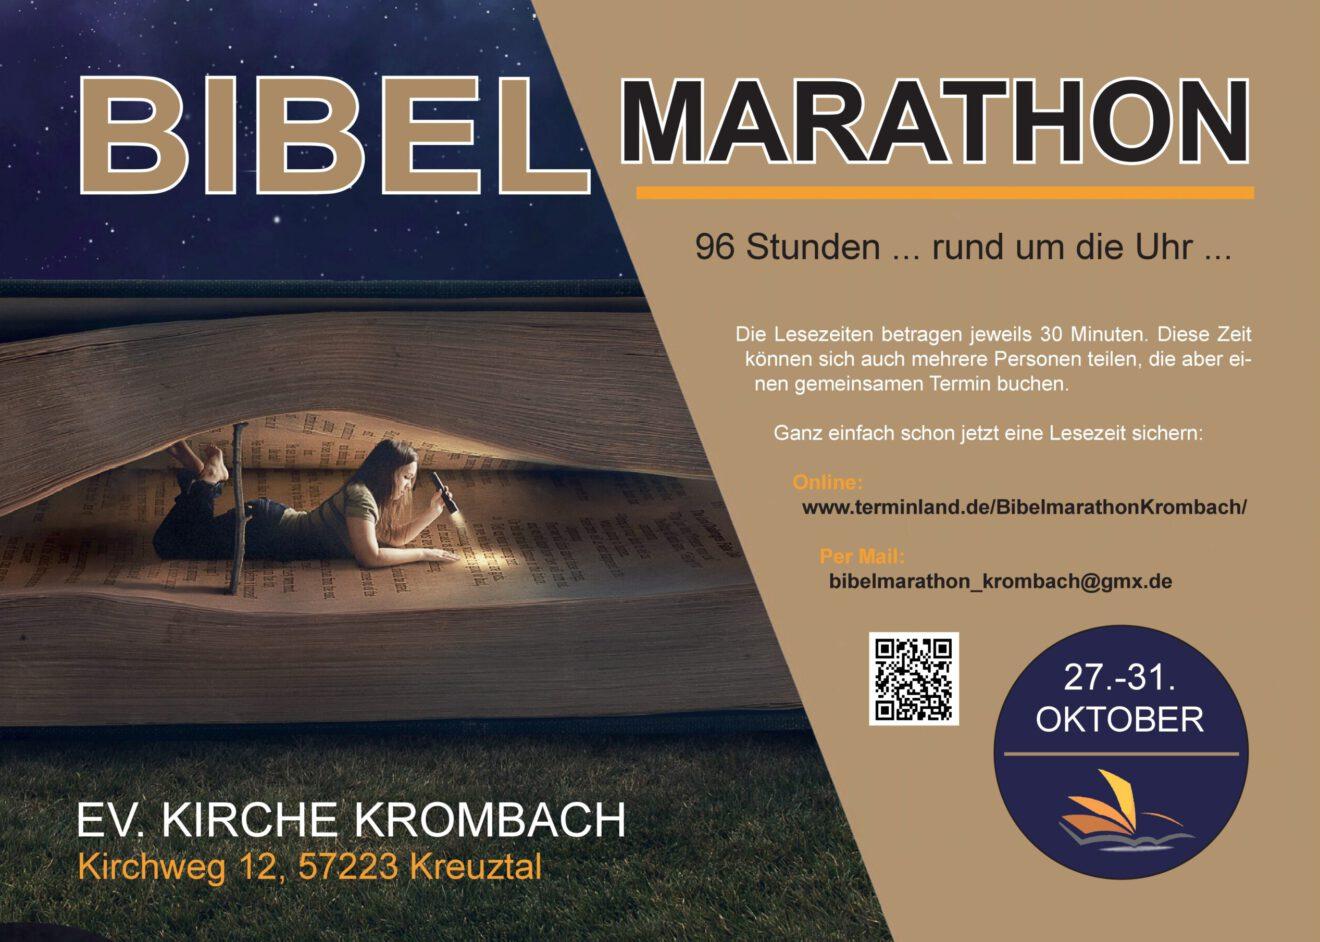 Plakat Bibelmarathon Blau